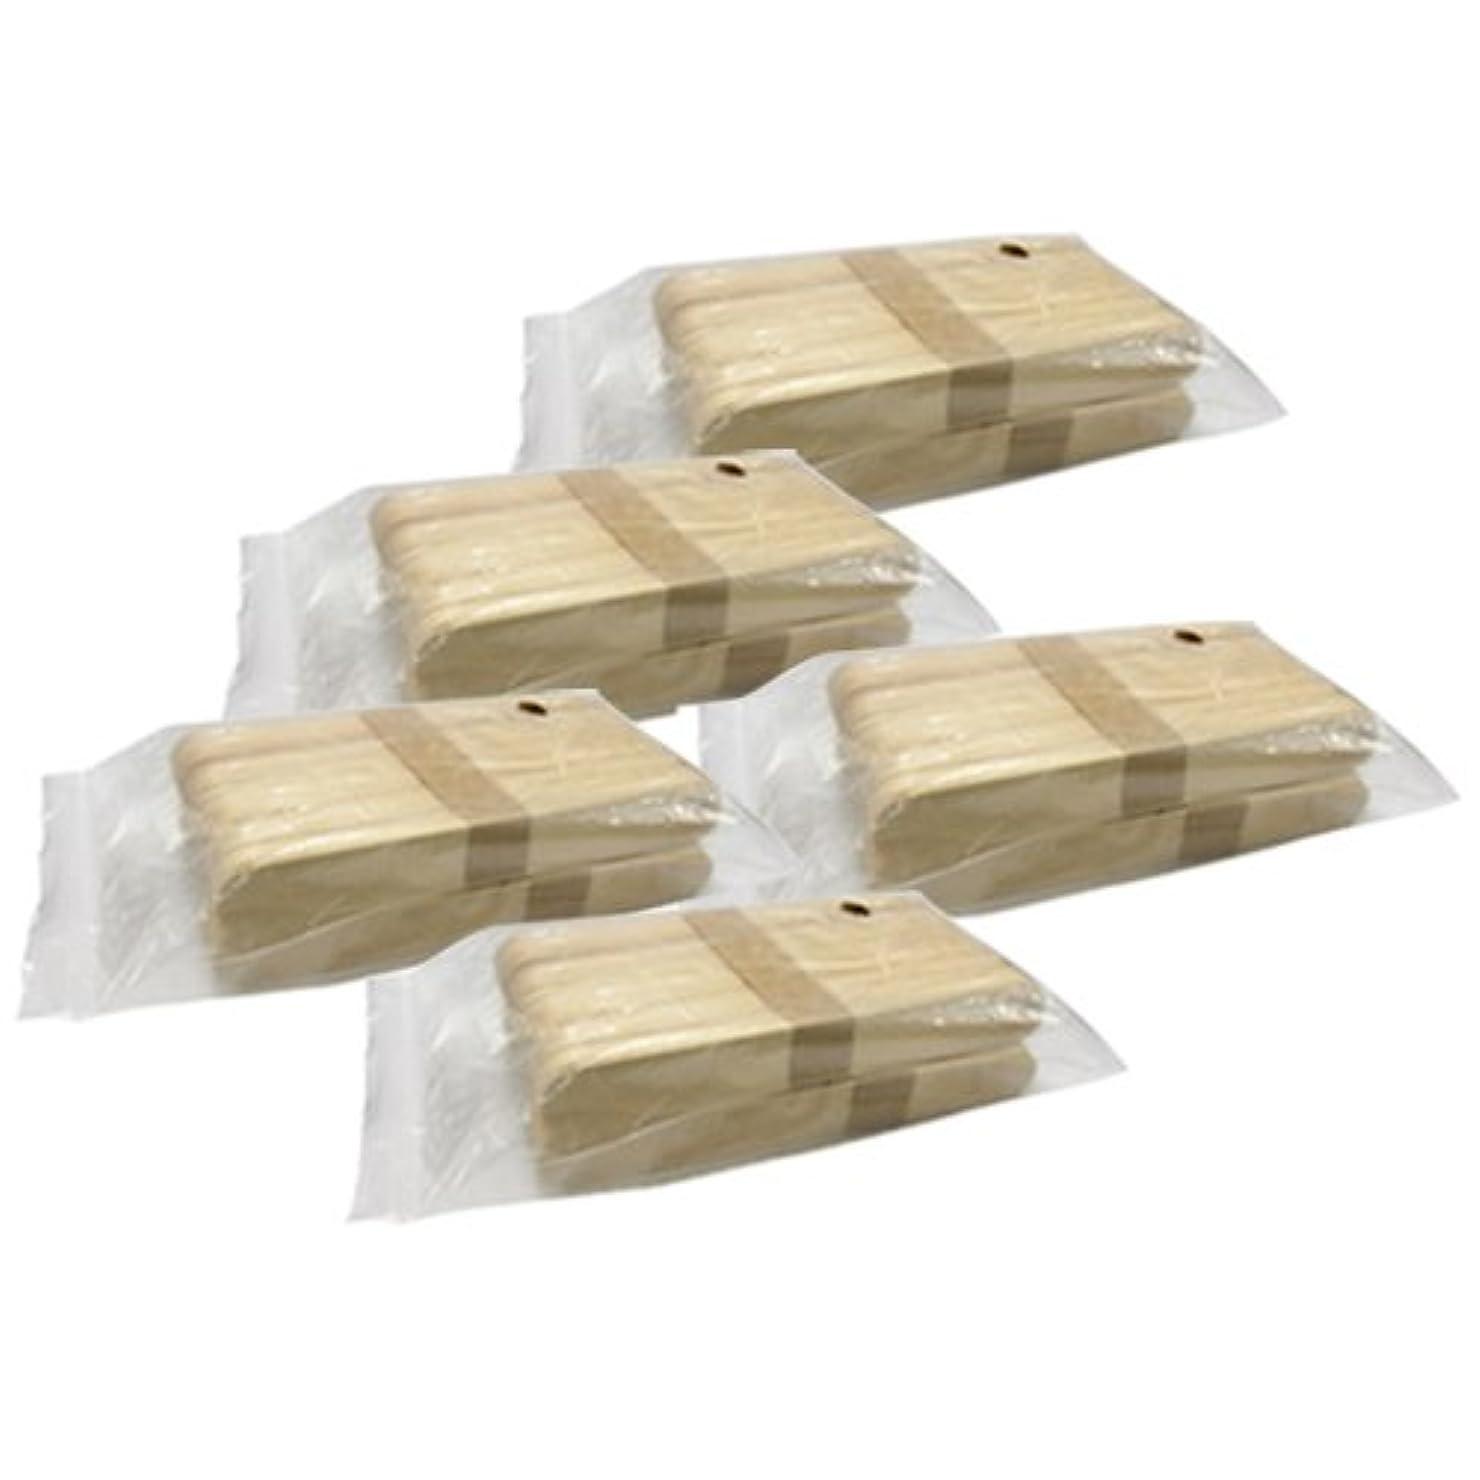 くこどもの日私たちのもの使い捨て【木ベラ/ウッドスパチュラ】(業務用100枚入り) × 5袋セット(計500枚)/WAX脱毛等や舌厚子にも …